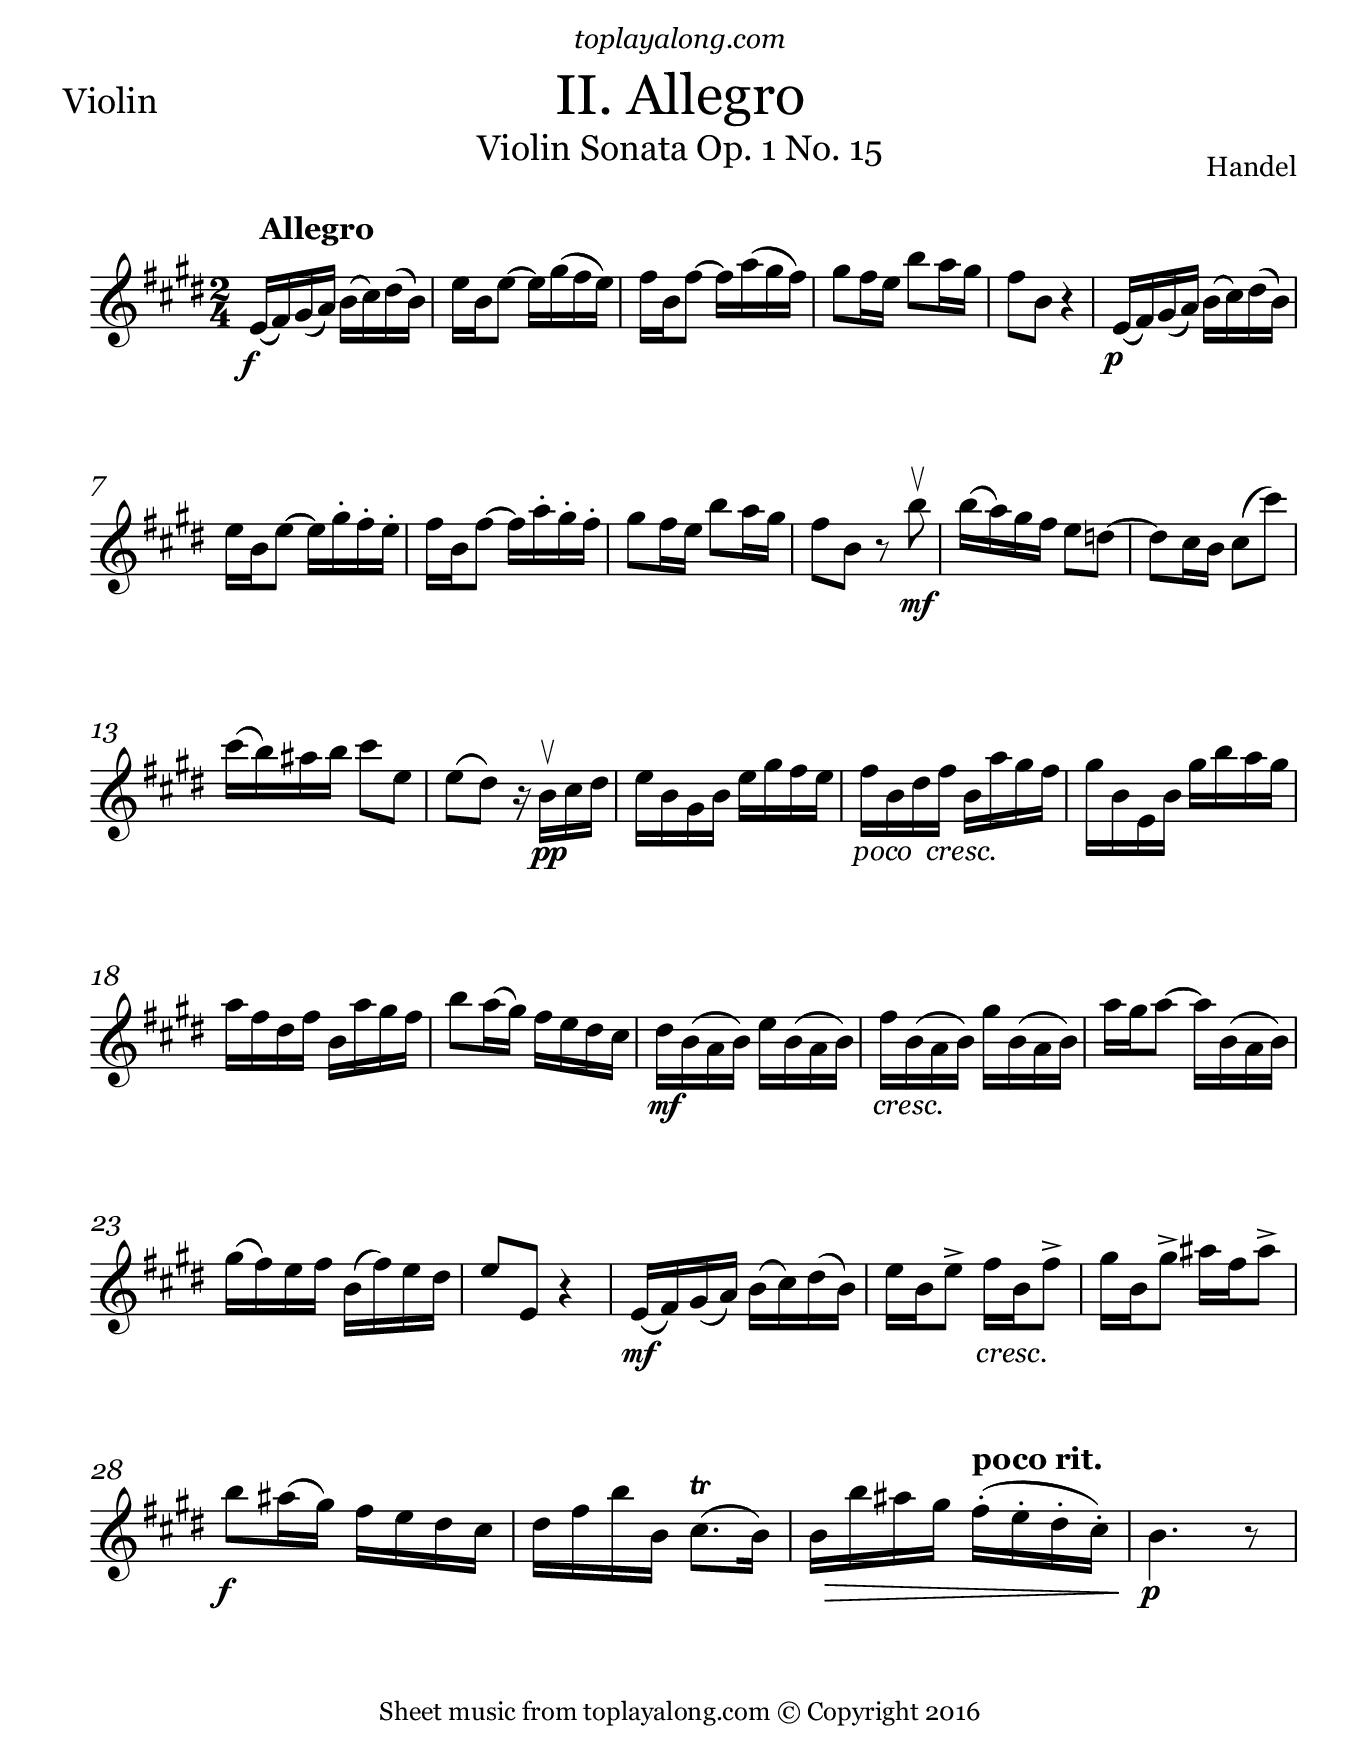 Violin Sonata Op. 1 No. 15 (II. Allegro) by Handel. Sheet music for Violin, page 1.